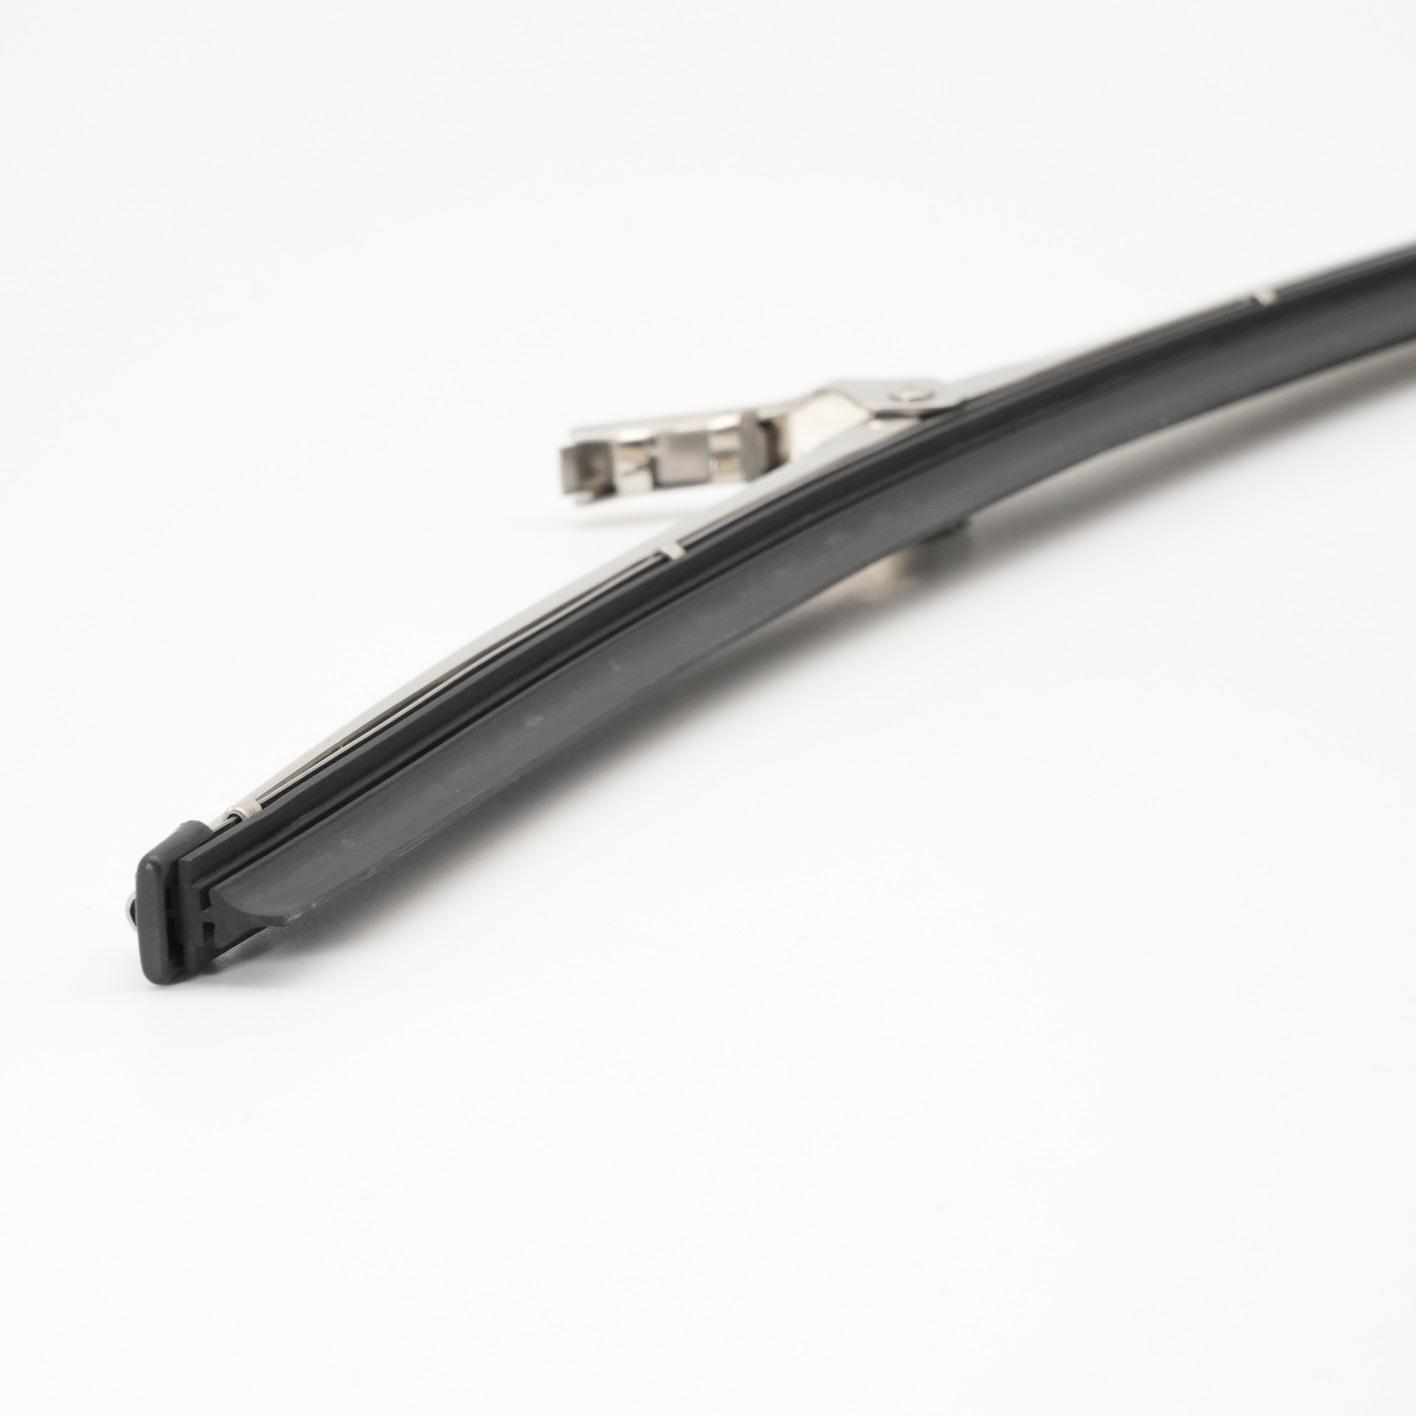 ローバーミニのワイパー「G-CLIMBオリジナルメッキワイパー」(ブレードのみ)